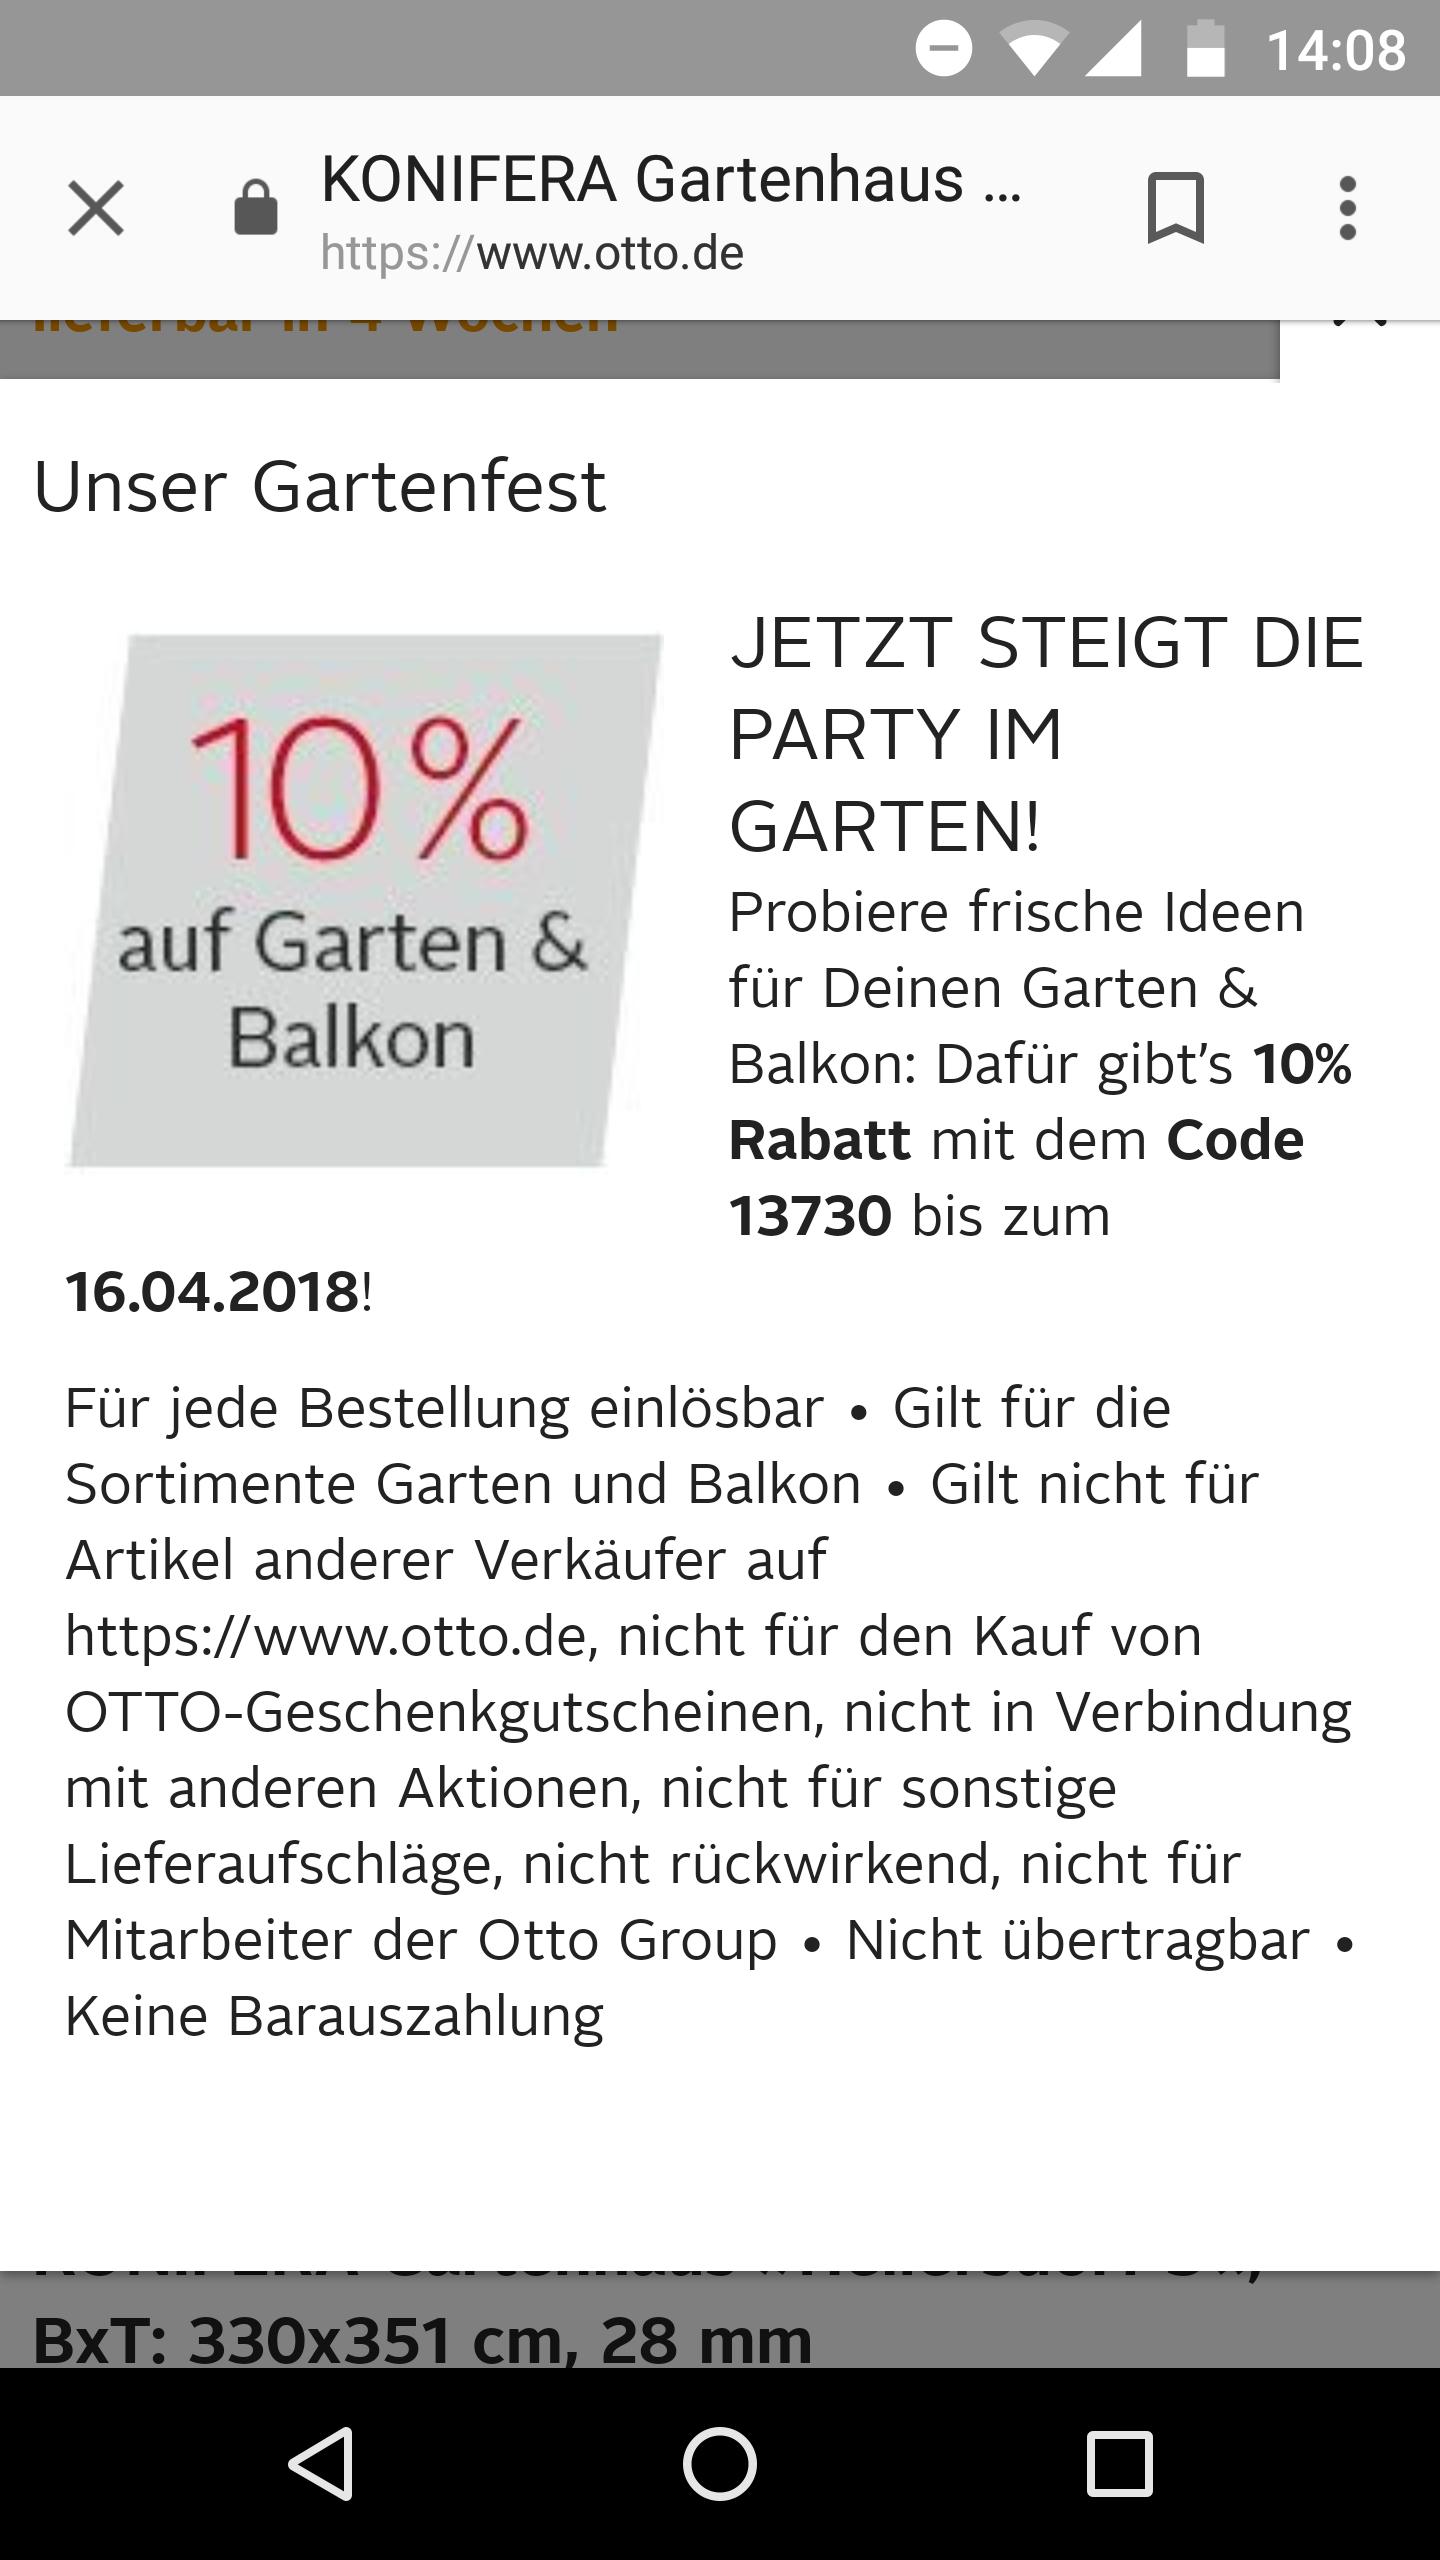 Otto: 10% Rabatt auf Garten und Balkon für alle Kunden